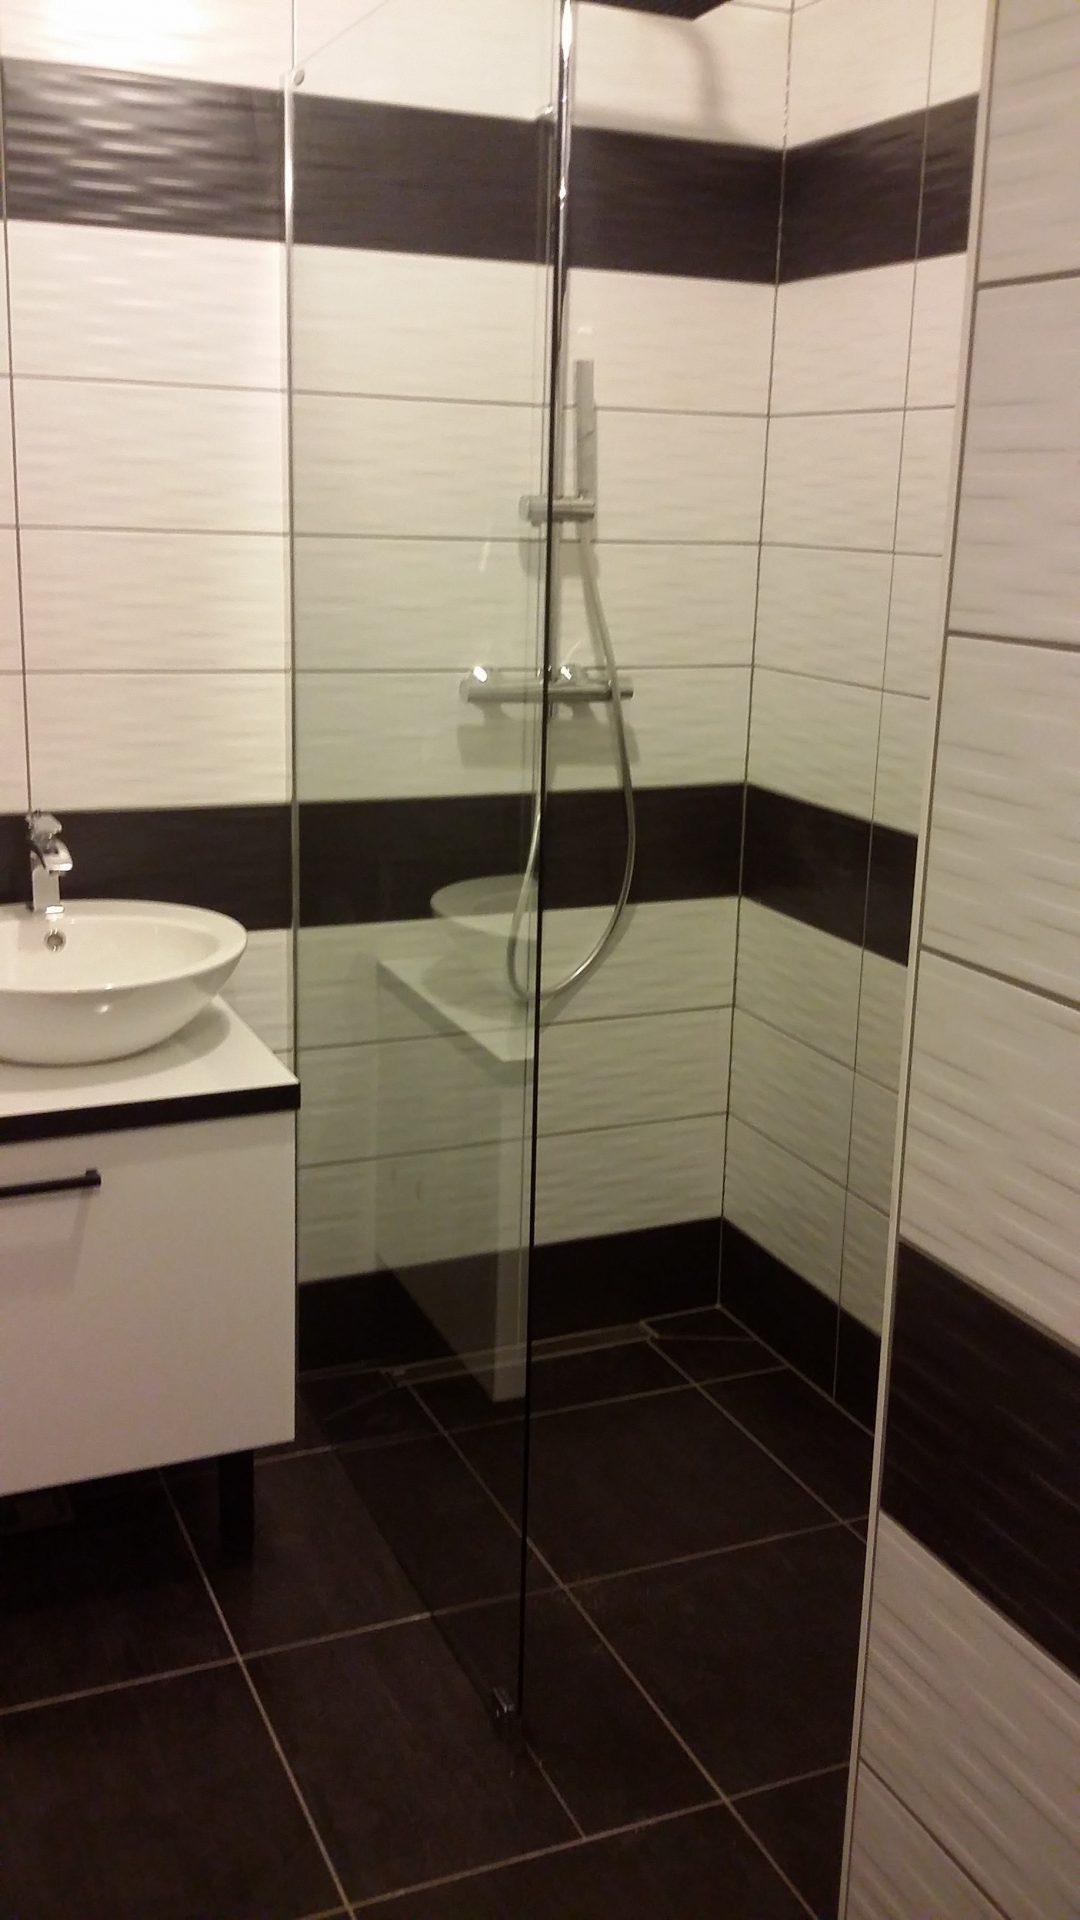 Polaganje ploščic v kopalnici 4